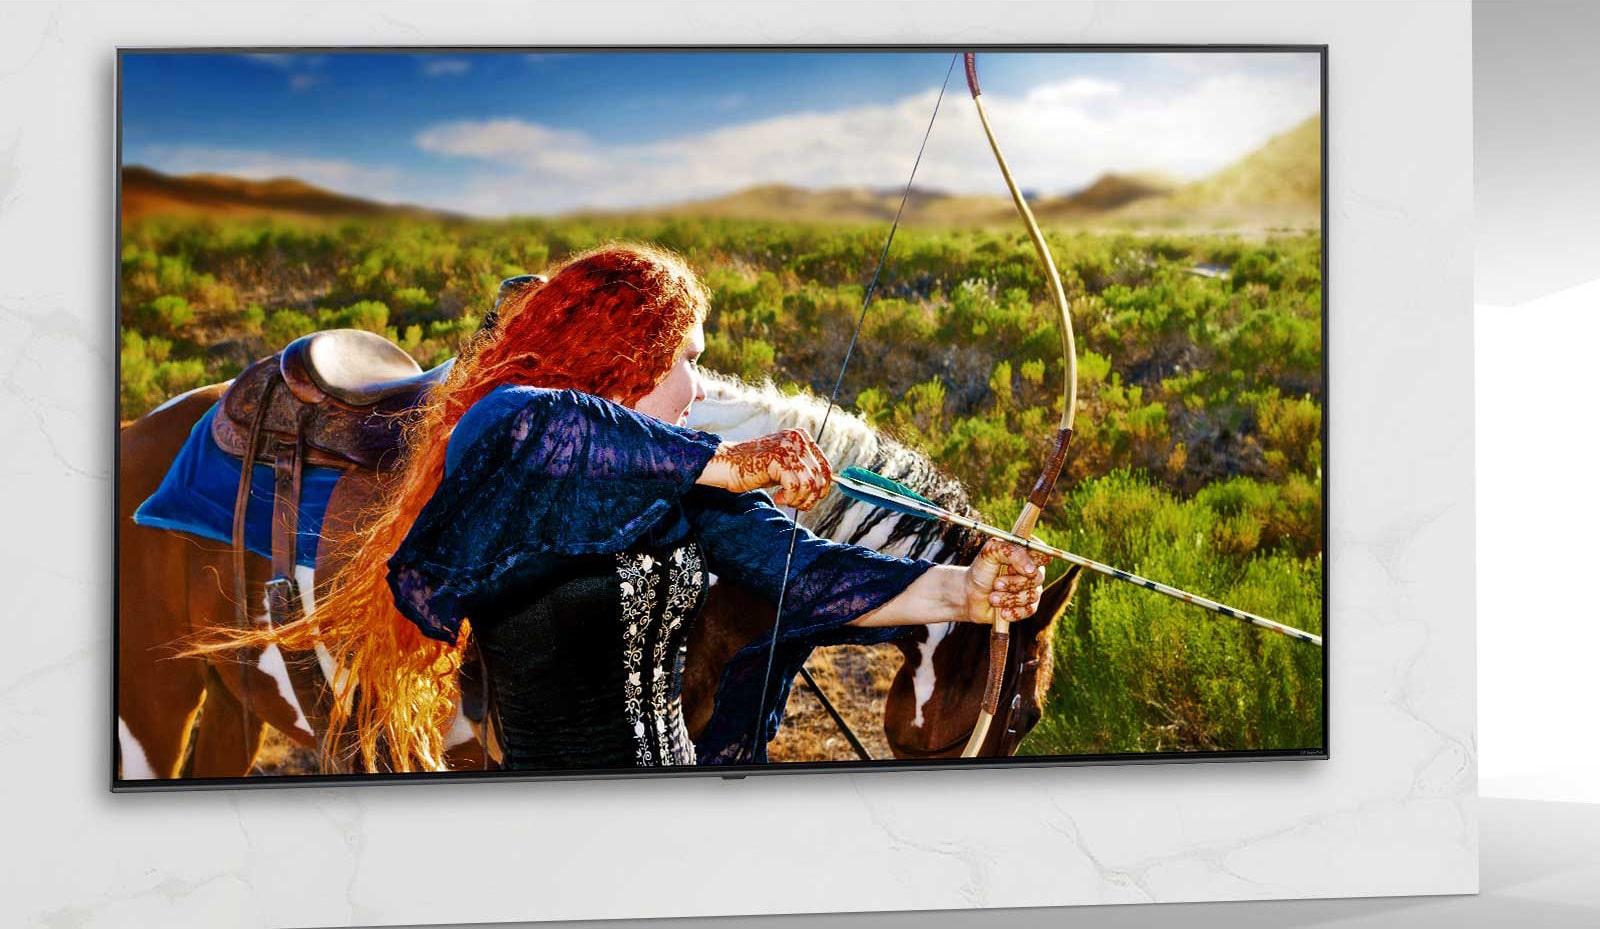 На экране сцена из фантастического фильма с женщиной, стреляющей из лука